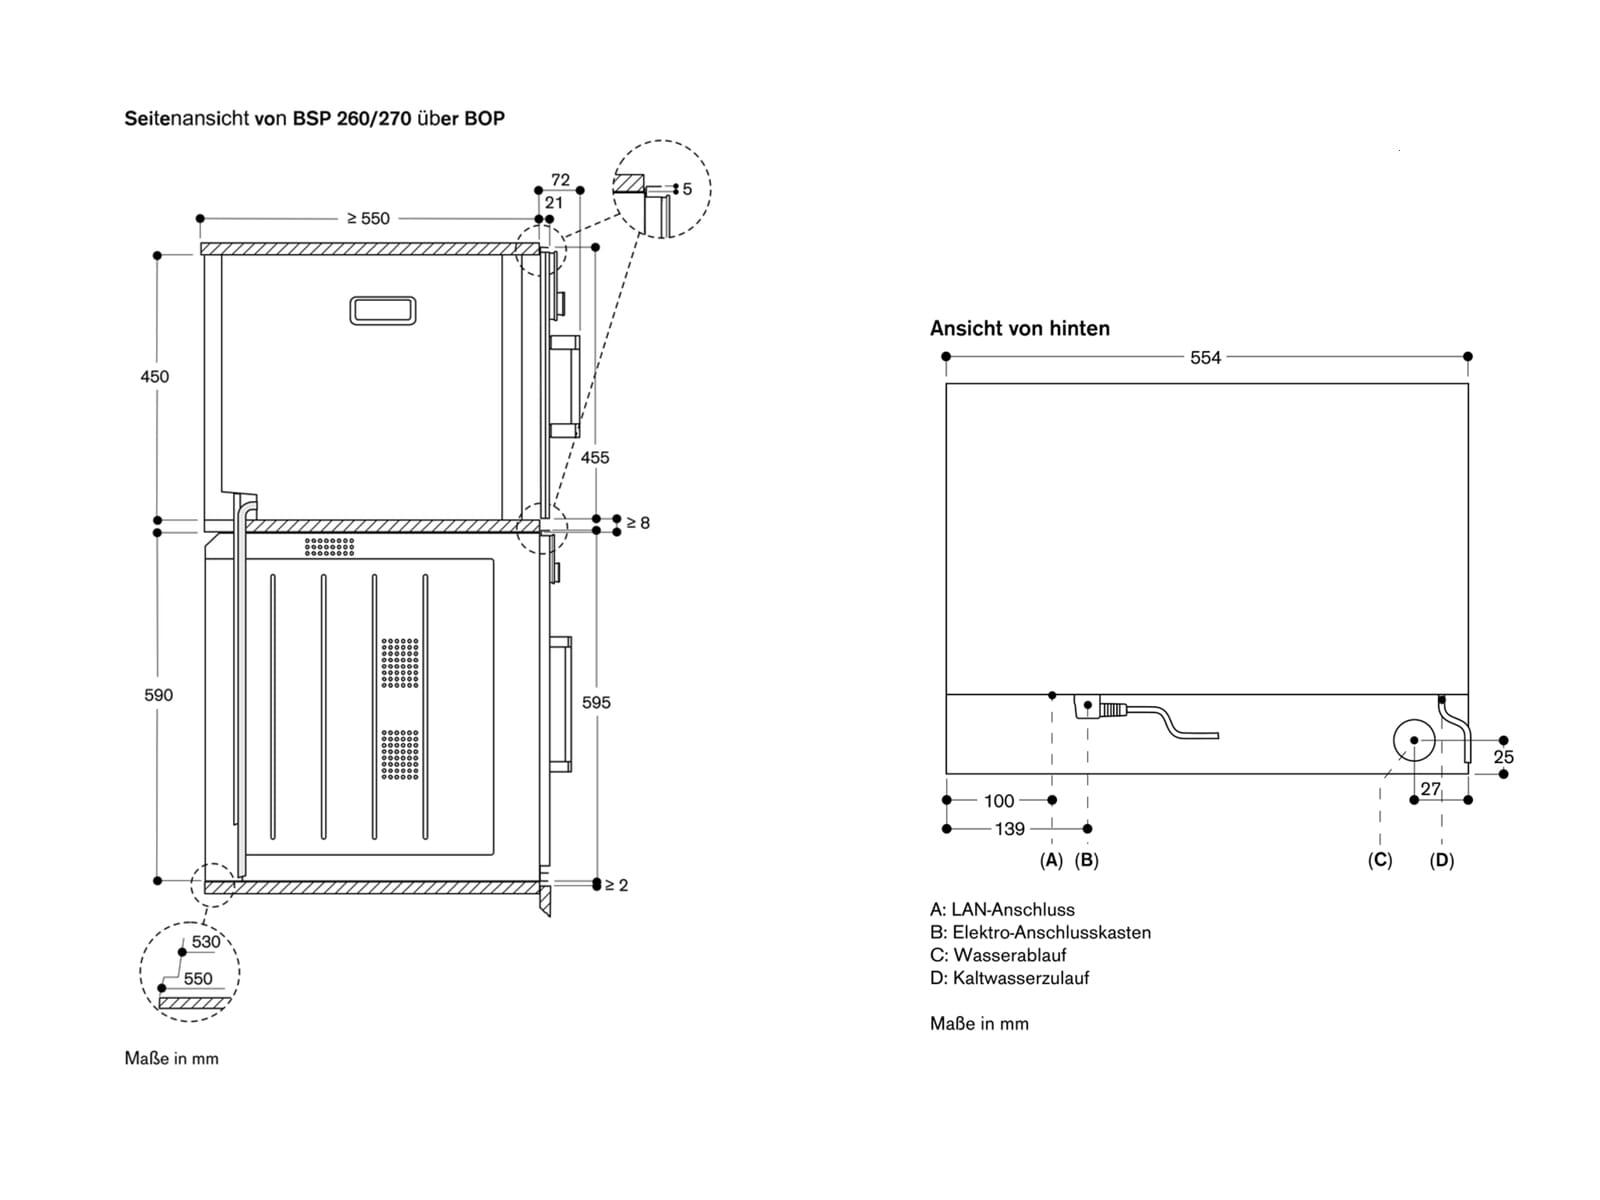 Gaggenau BSP 270 101 Dampfbackofen Serie 200 Anthrazit